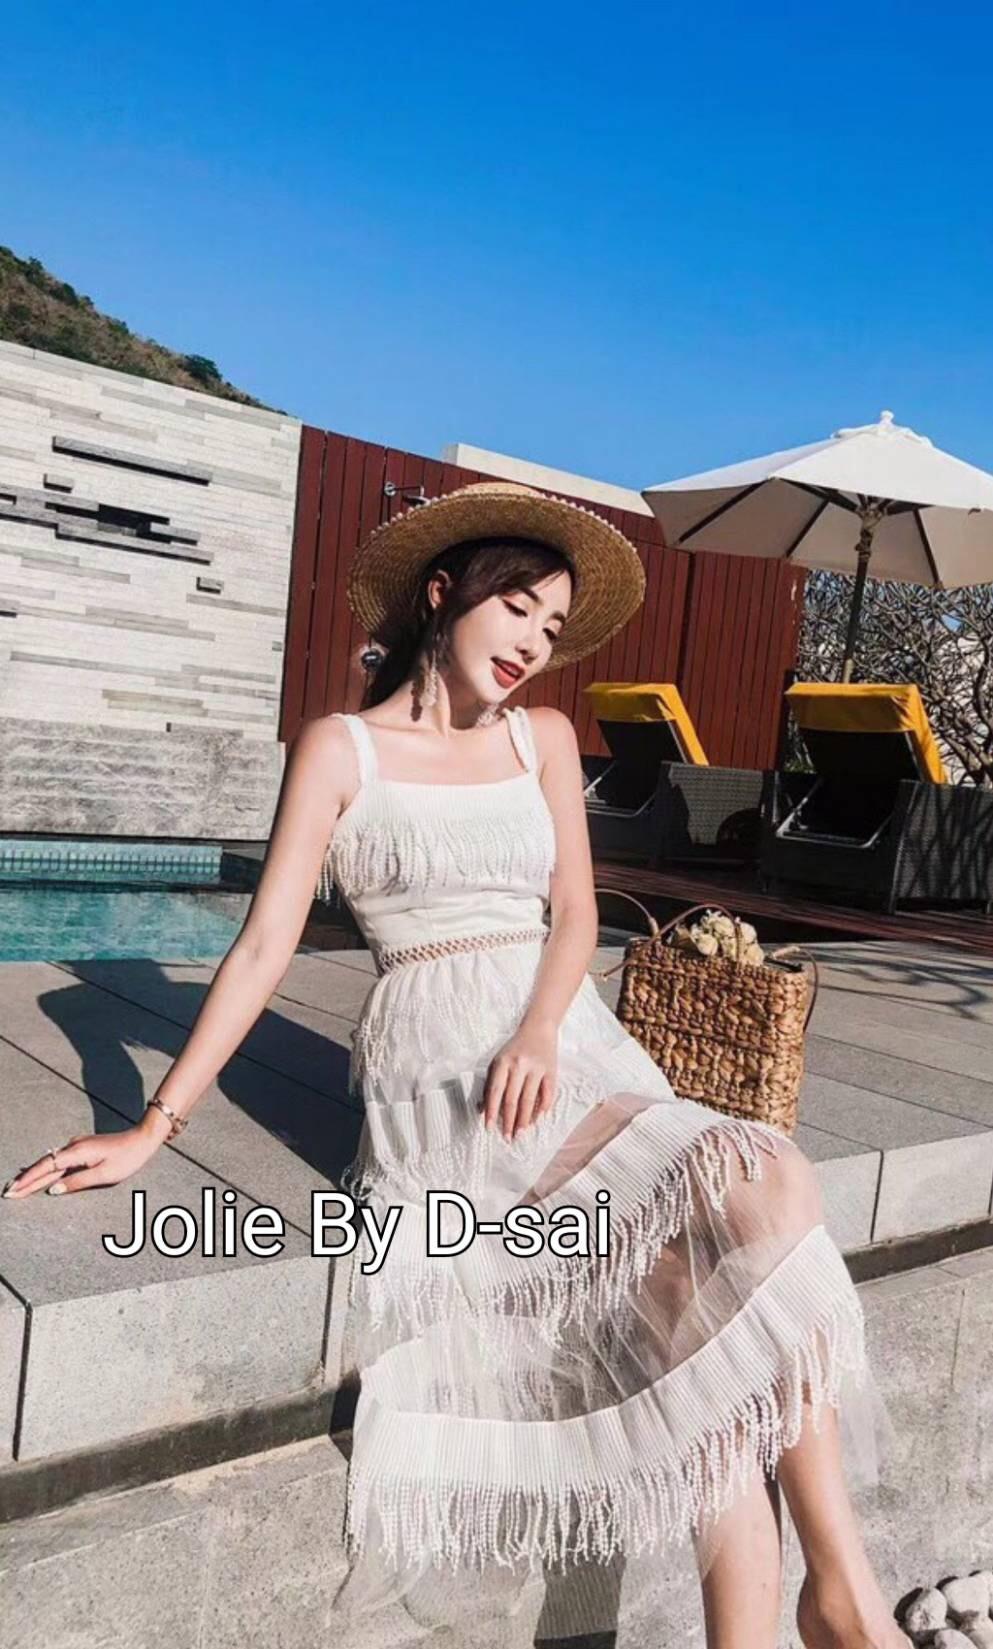 ชุดเดรสแฟชั่น เดรสเกาหลีชุดเดรสโทนสีขาว ออกแบบทรงแขนสายเดี่ยวใหญ่